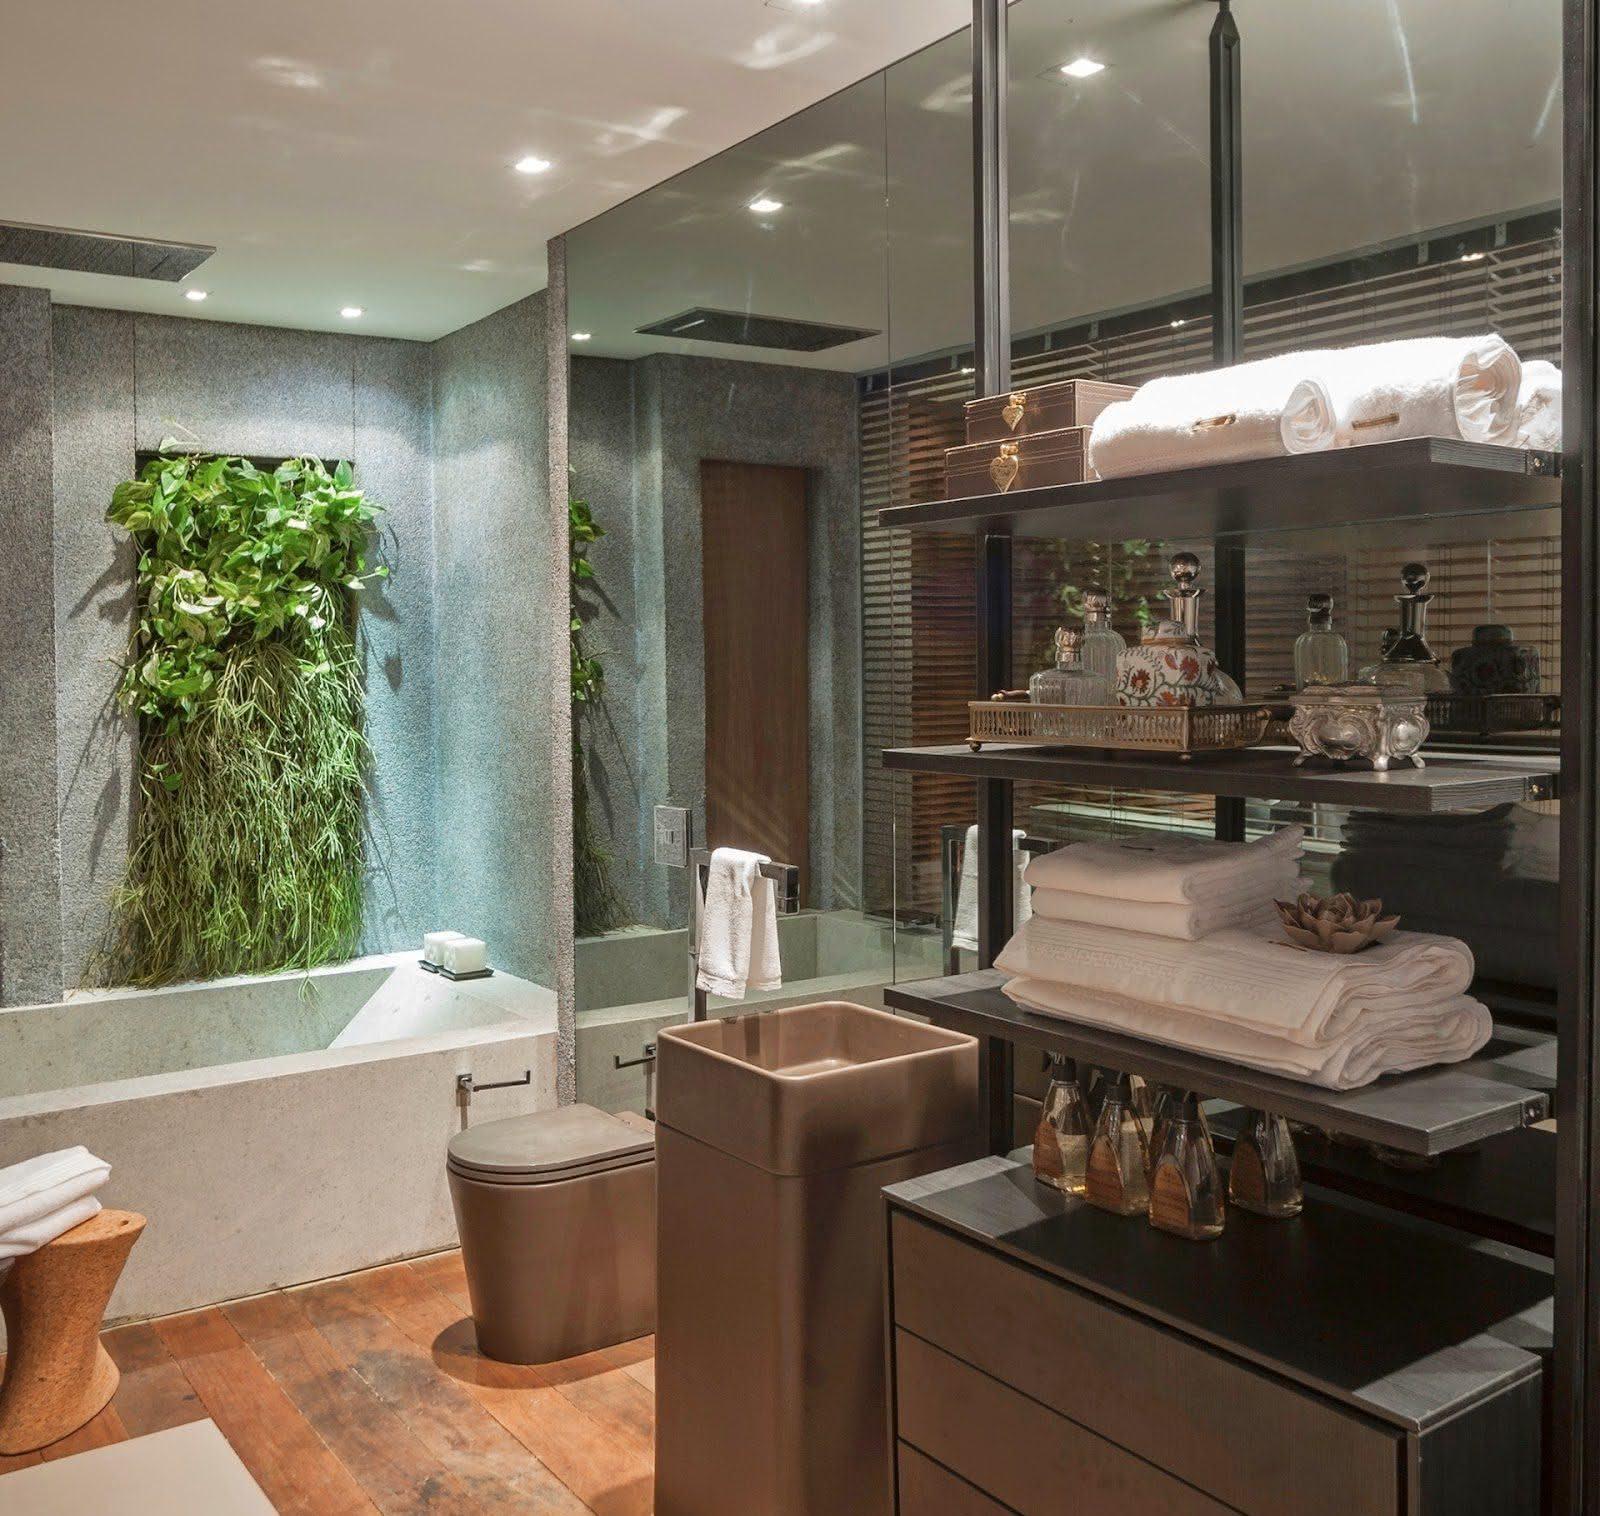 #925C39 Imagem 40 – Decore seu banheiro com um jardim vertical 1600x1516 px Banheiro Ofuro 2701